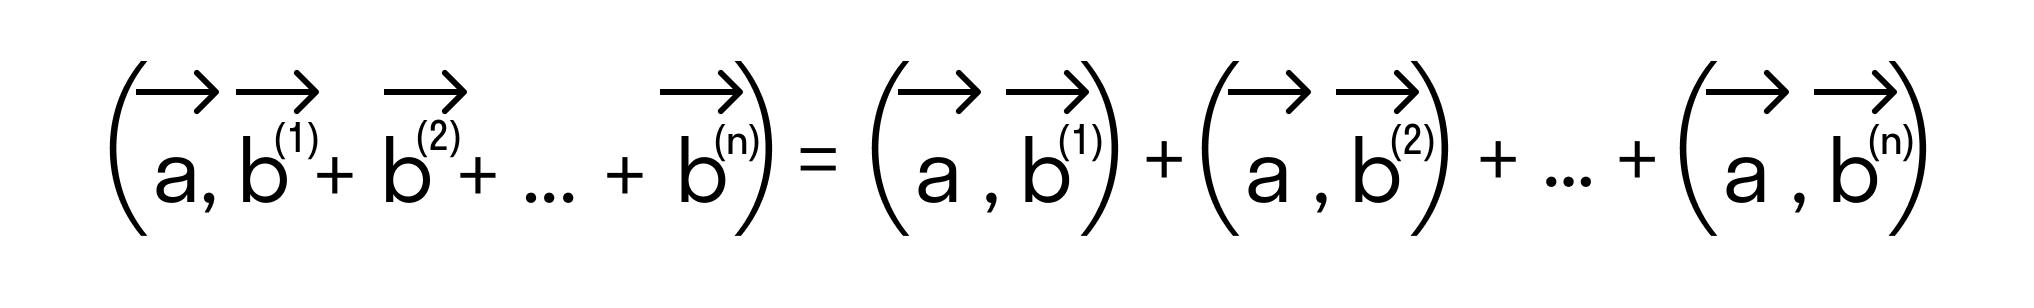 свойство дистрибутивности скалярного произведения справедливо для любого числа слагаемых рис2